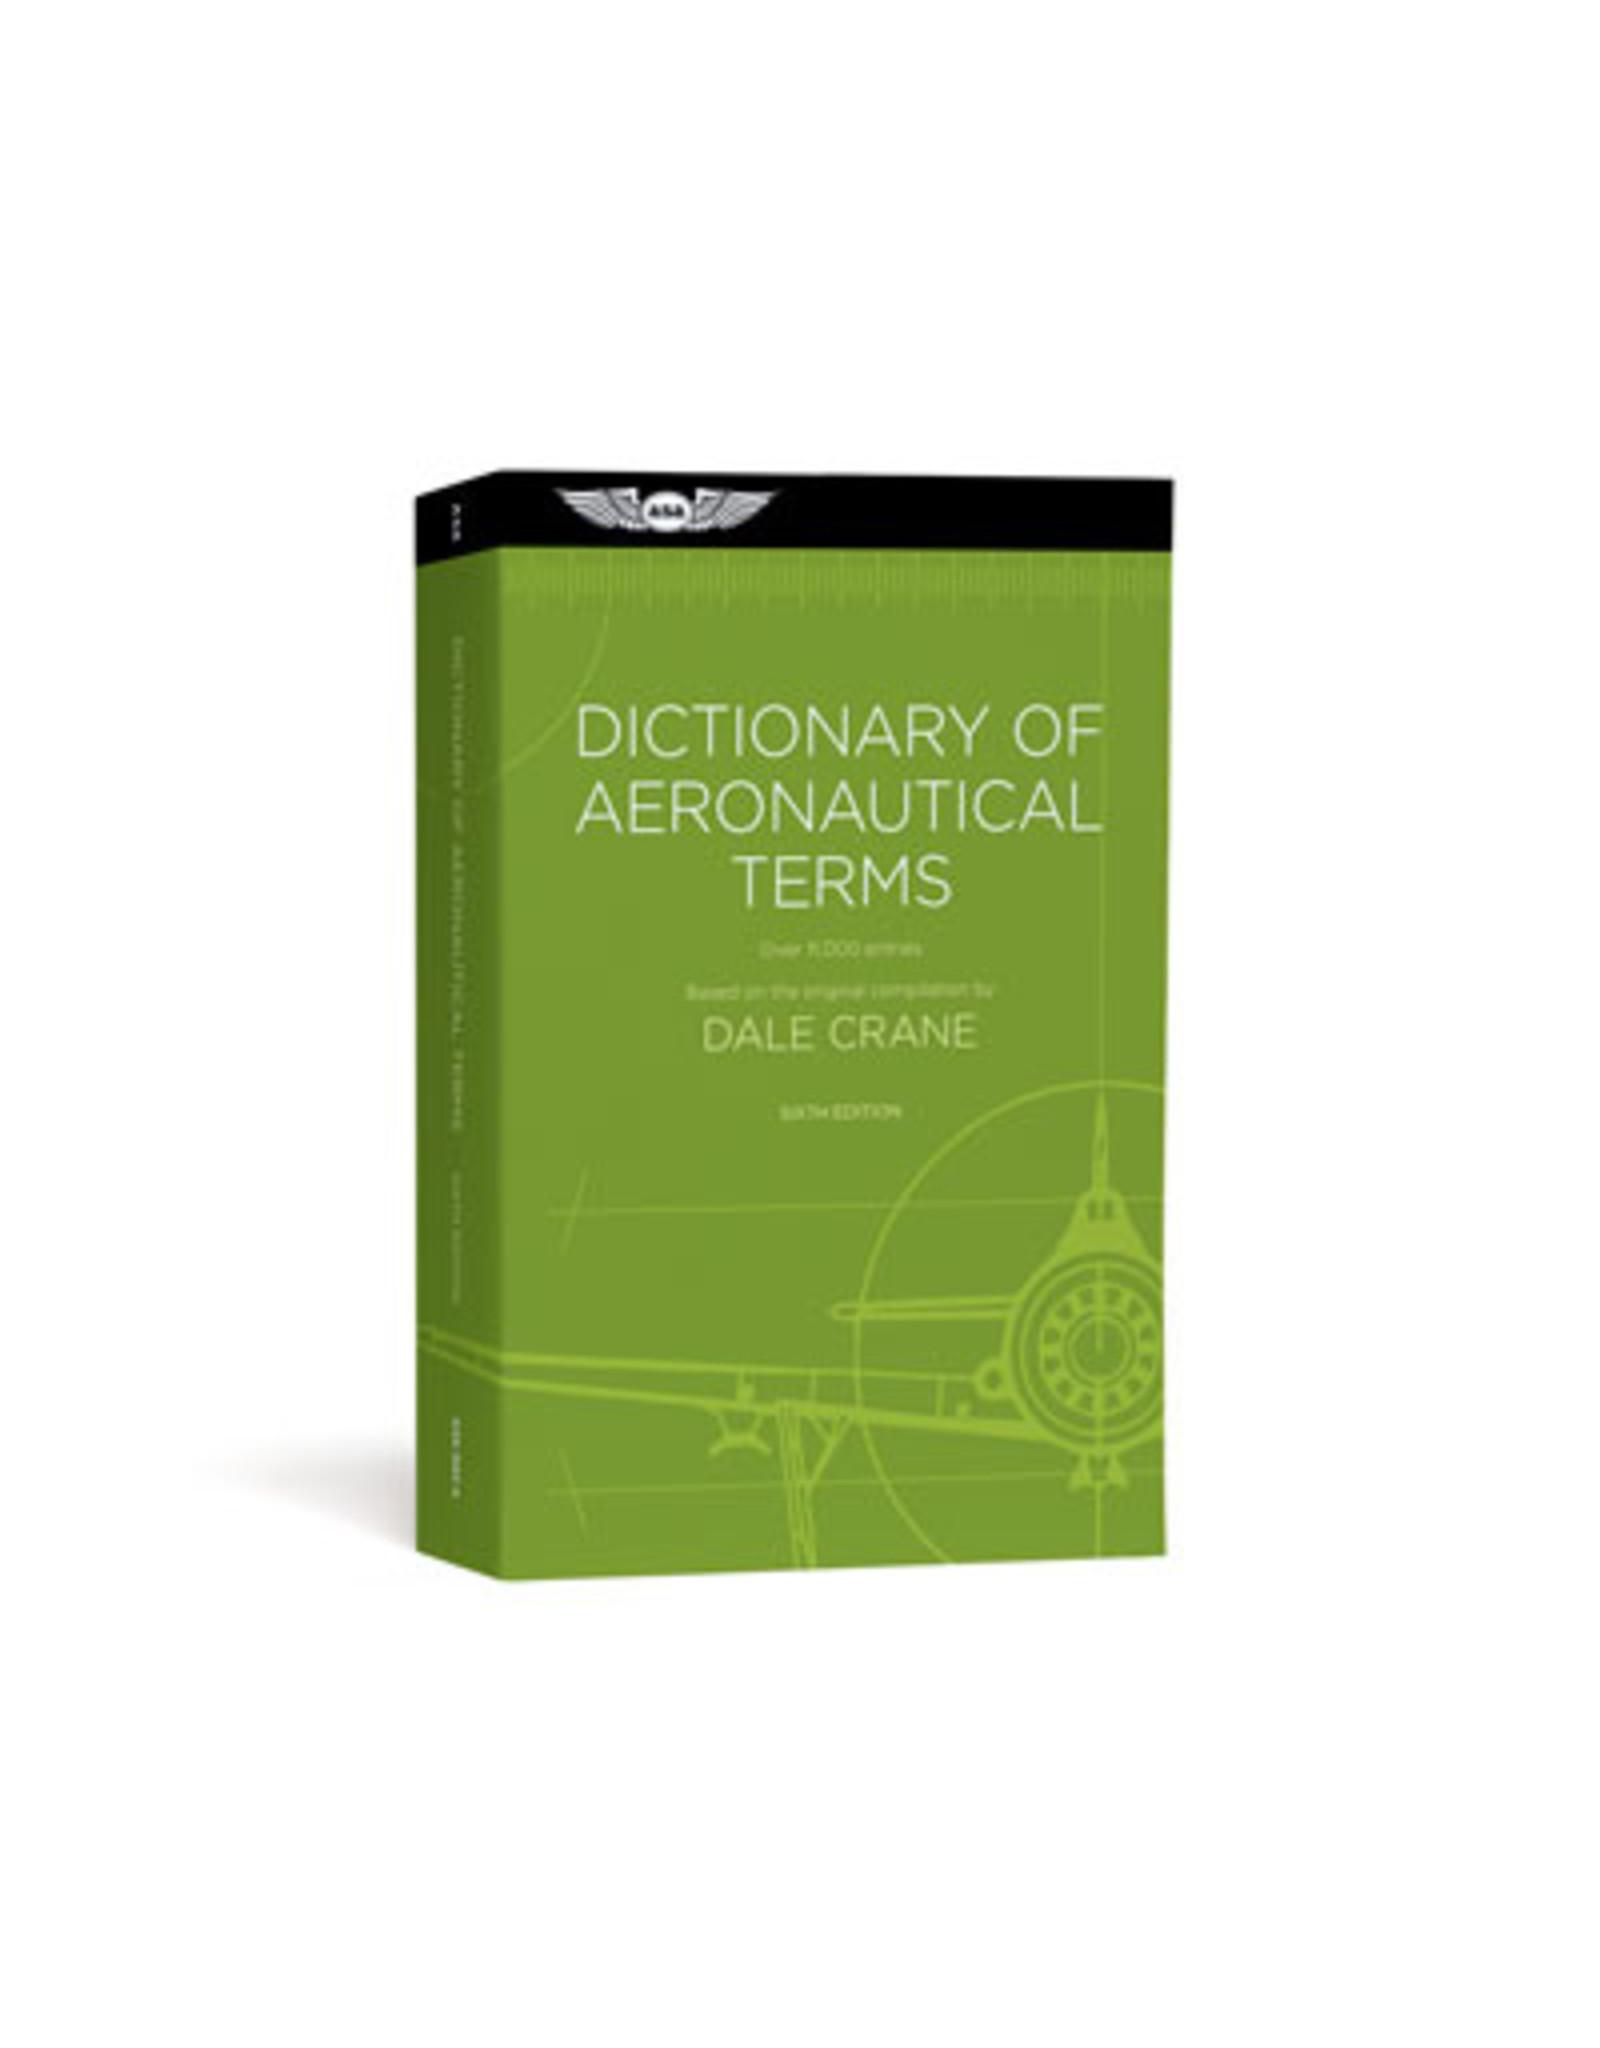 ASA Dictionary of Aeronautical Terms 6th ed